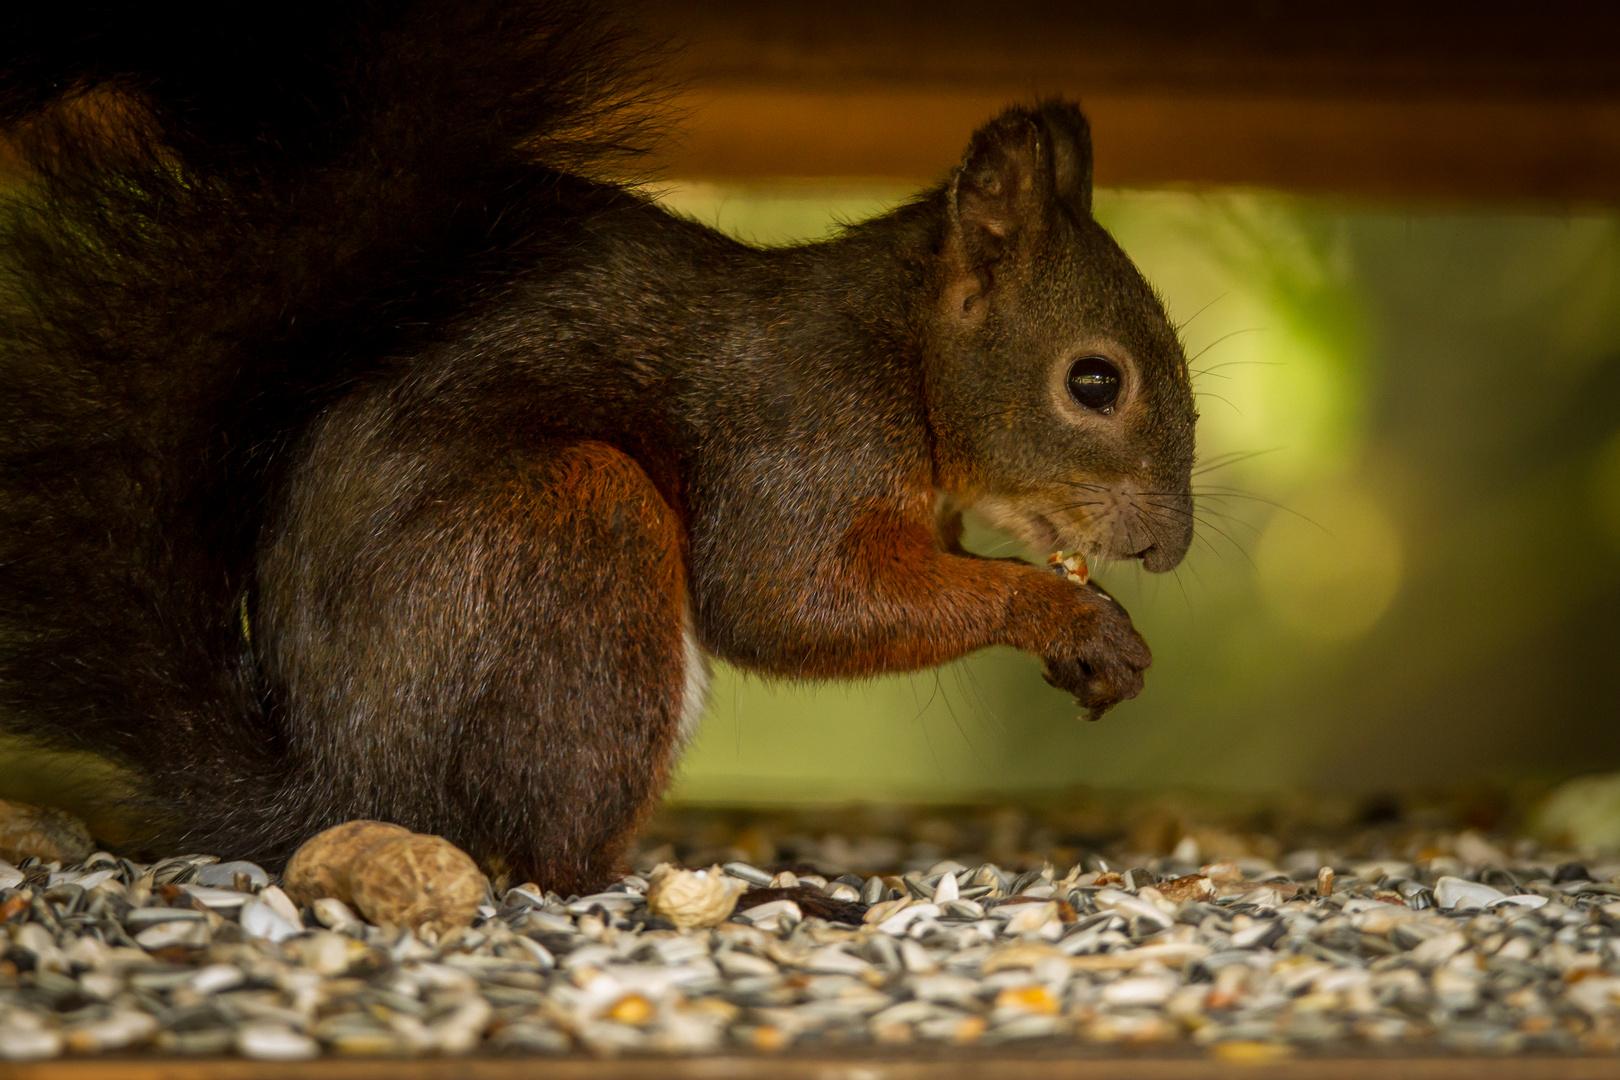 Wer sagt, dass das kein Eichhörnchen-Häuschen ist?